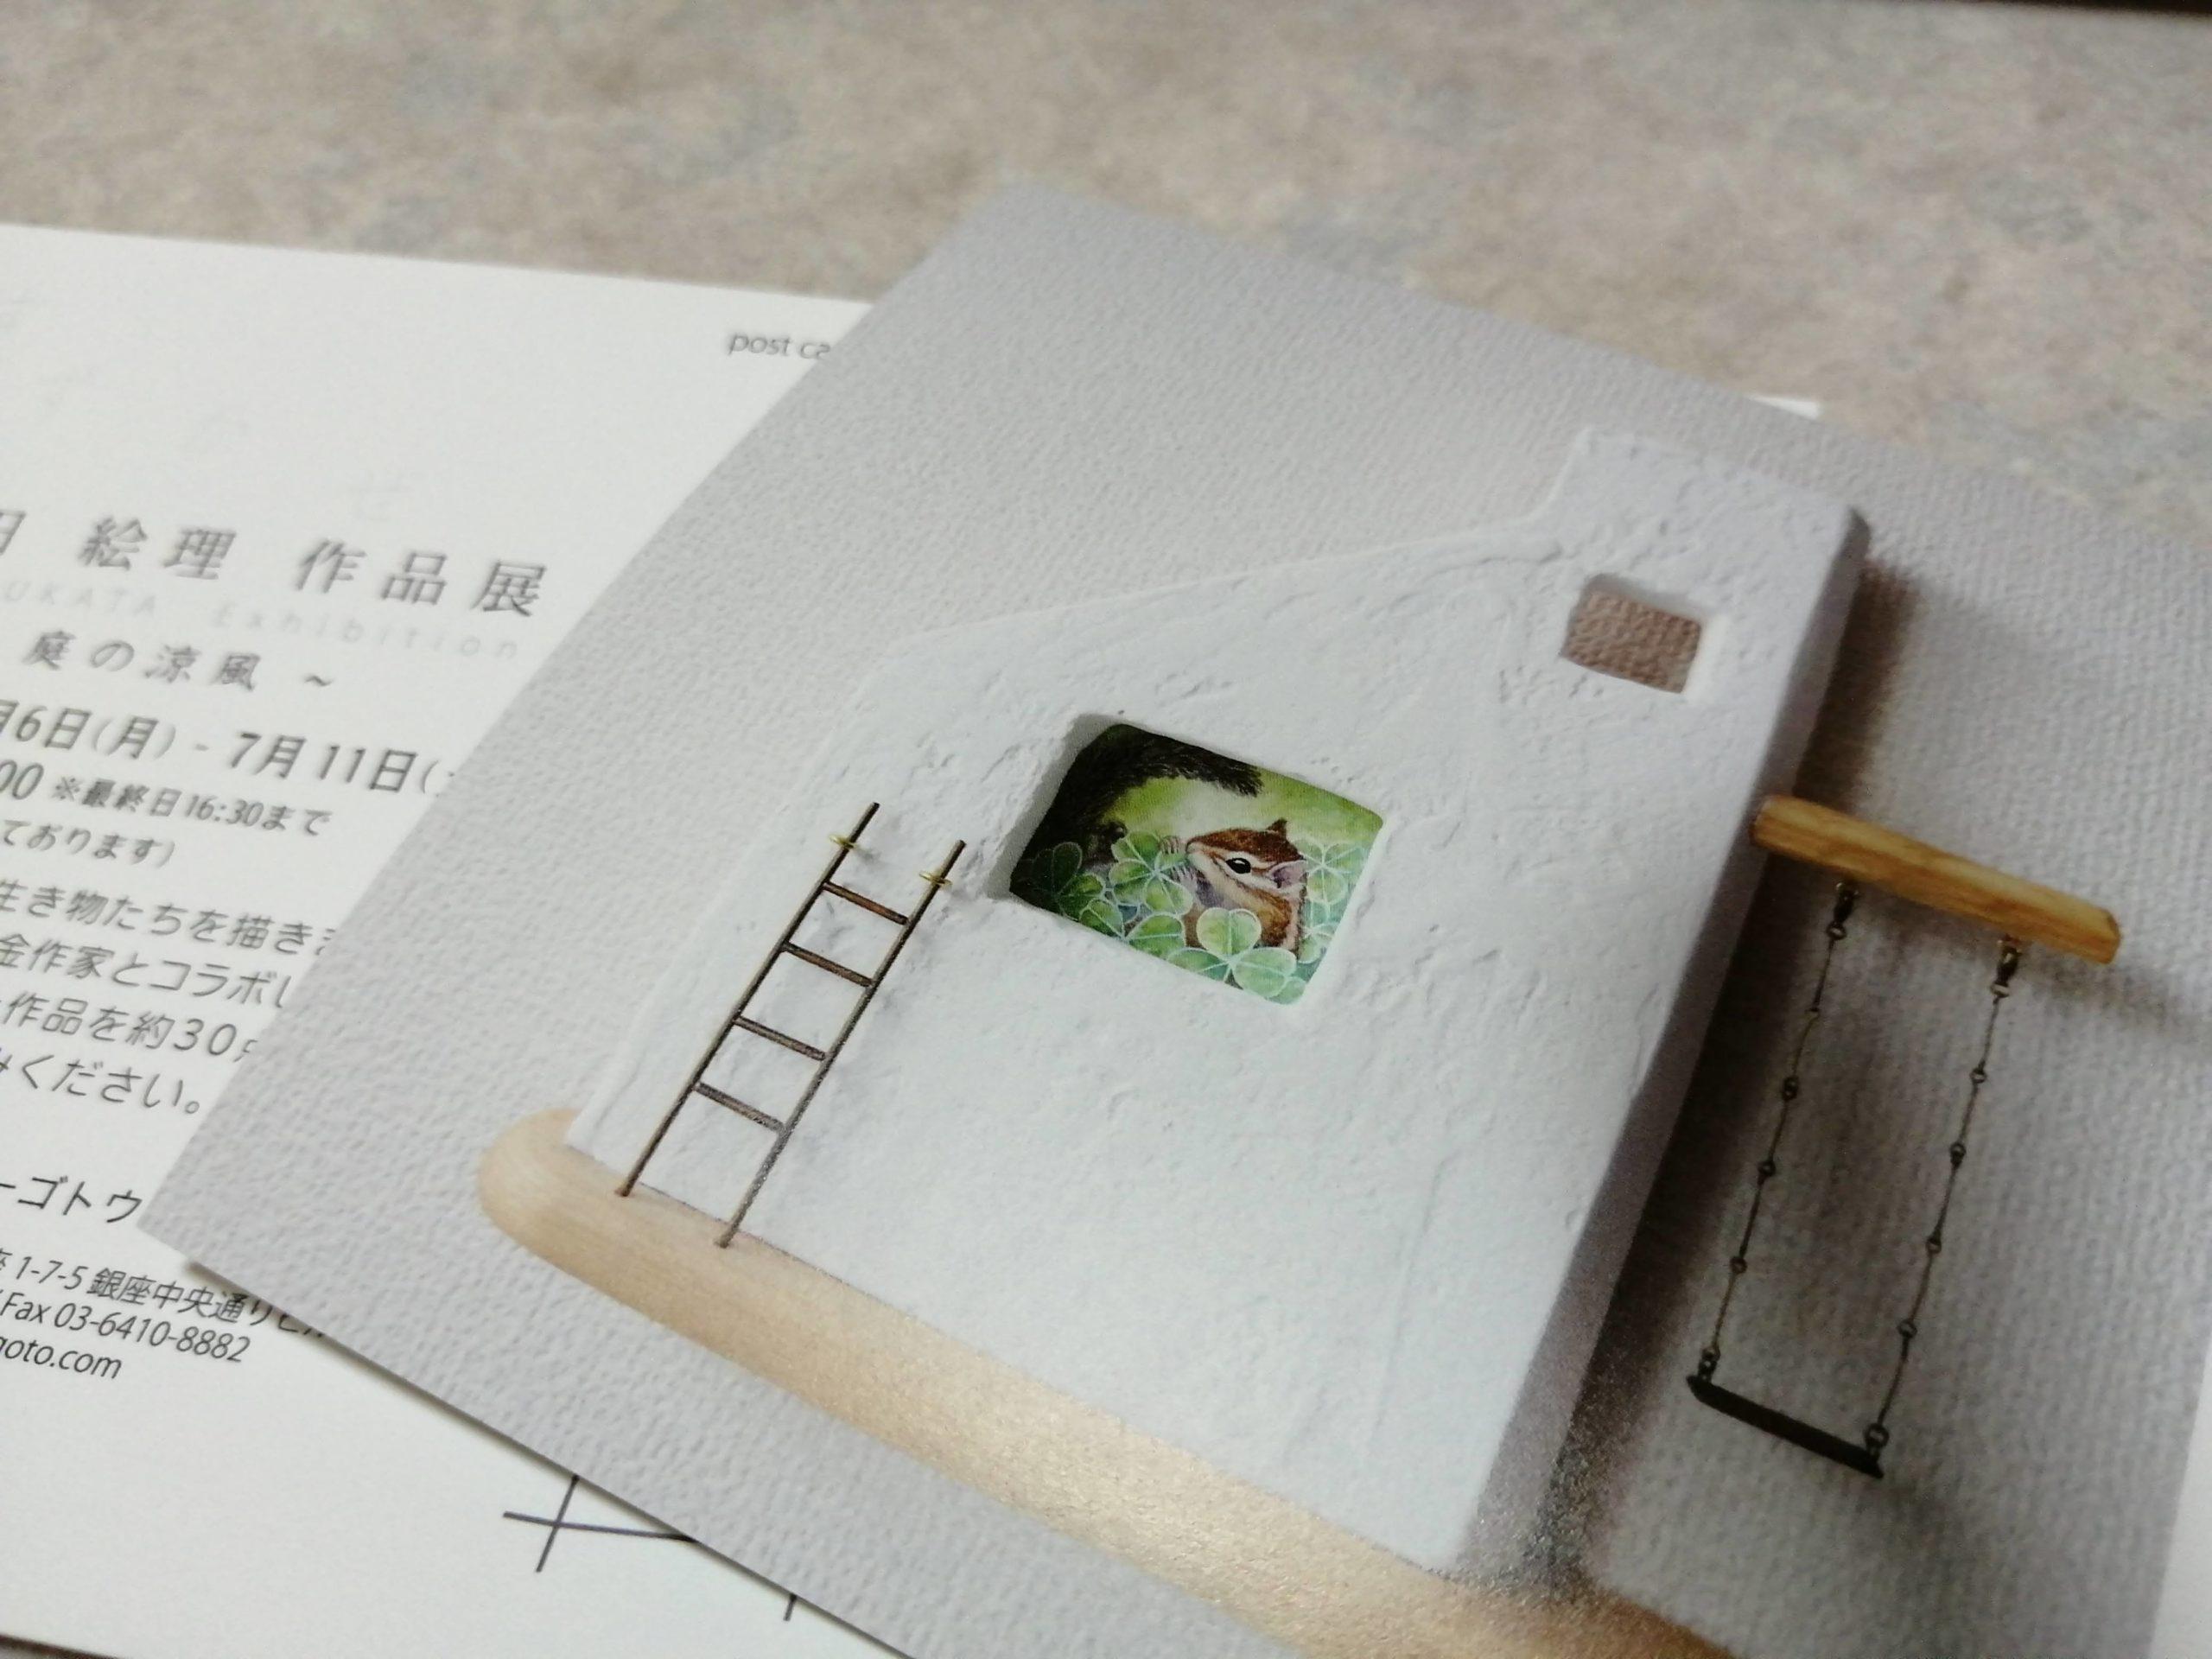 深田絵理さん個展「庭の涼風」に行ってきました。